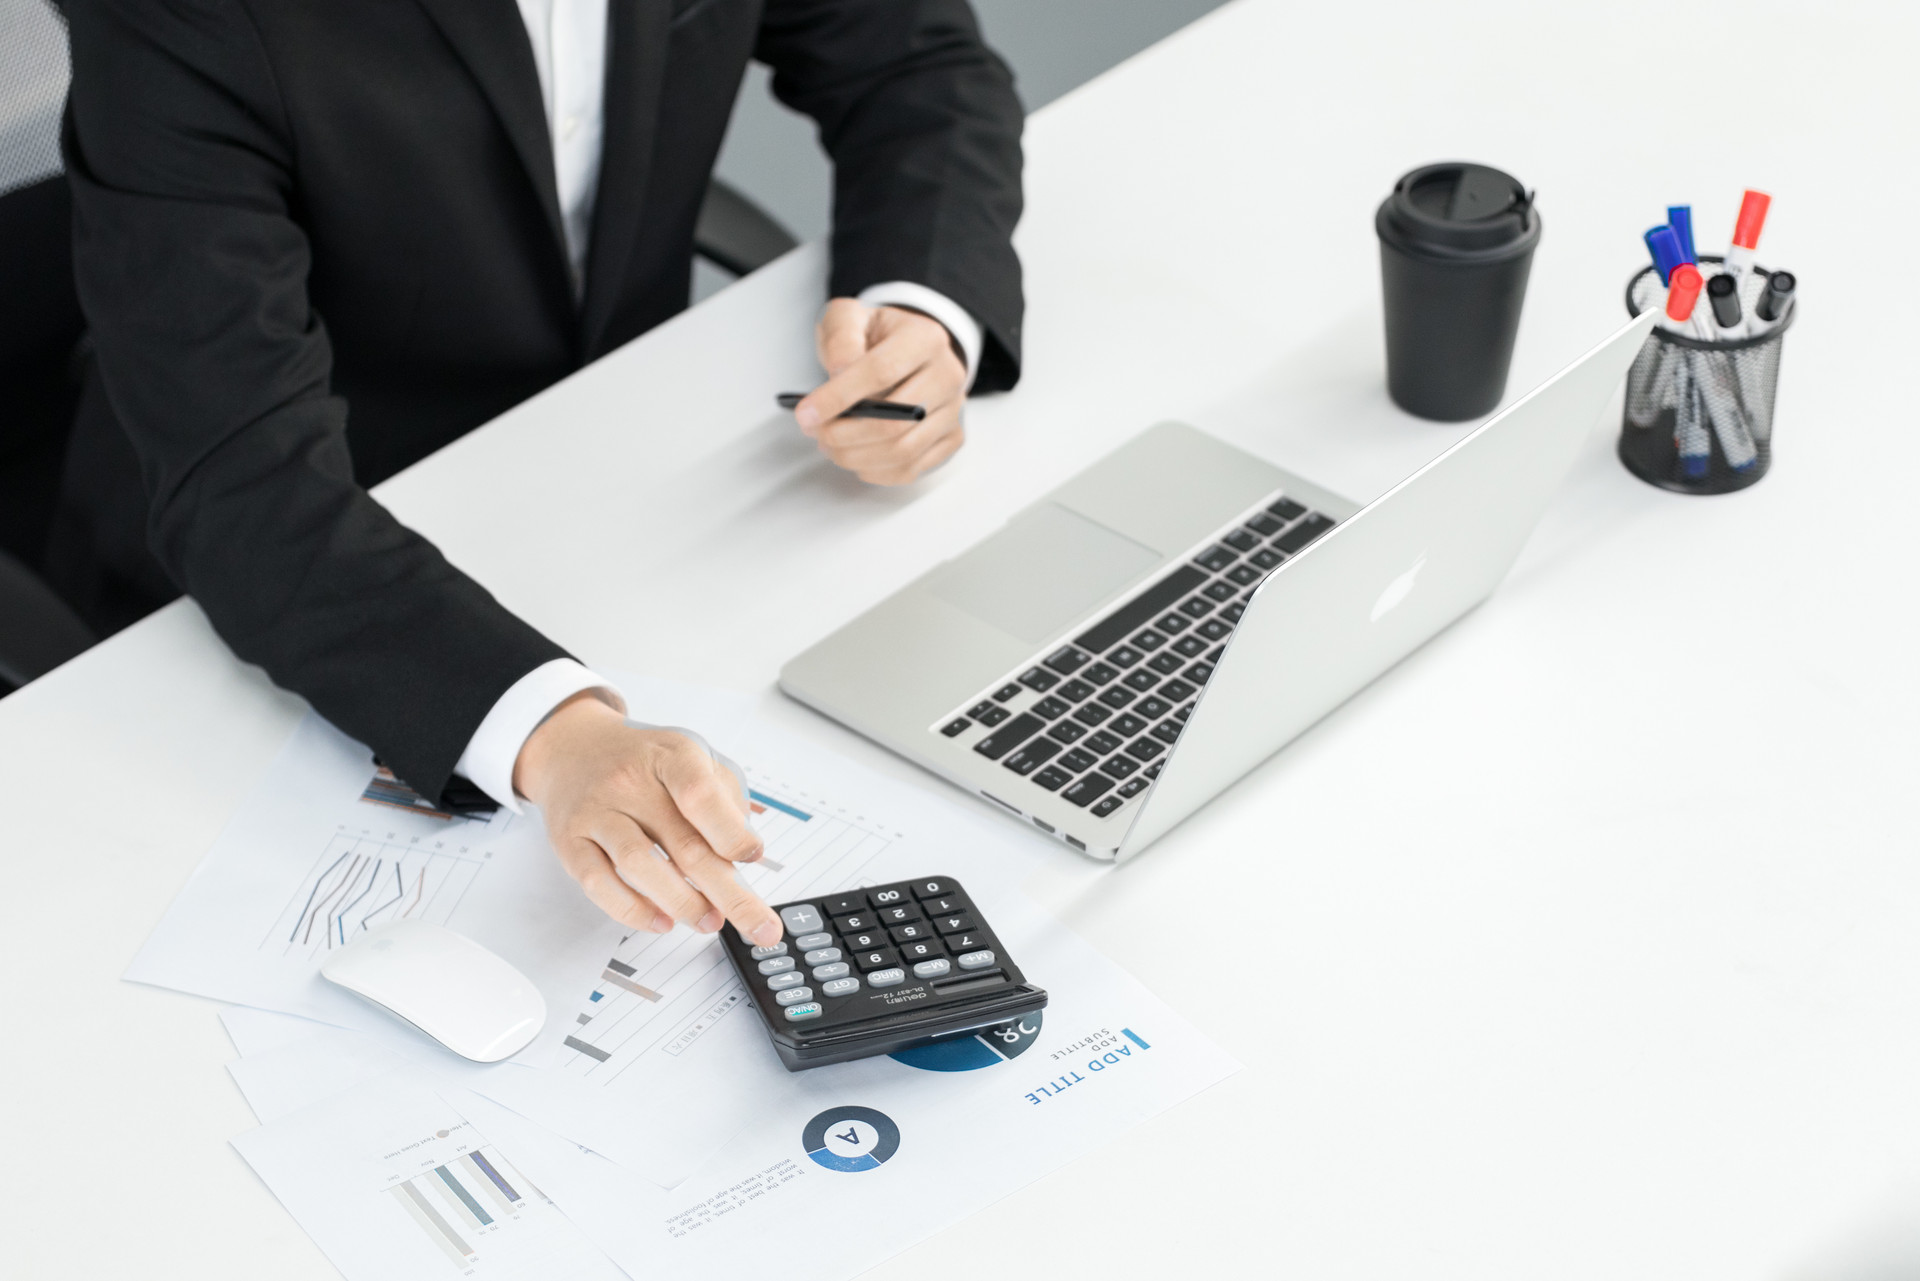 薪资代发需要什么资质:确认公司资质的核心标准